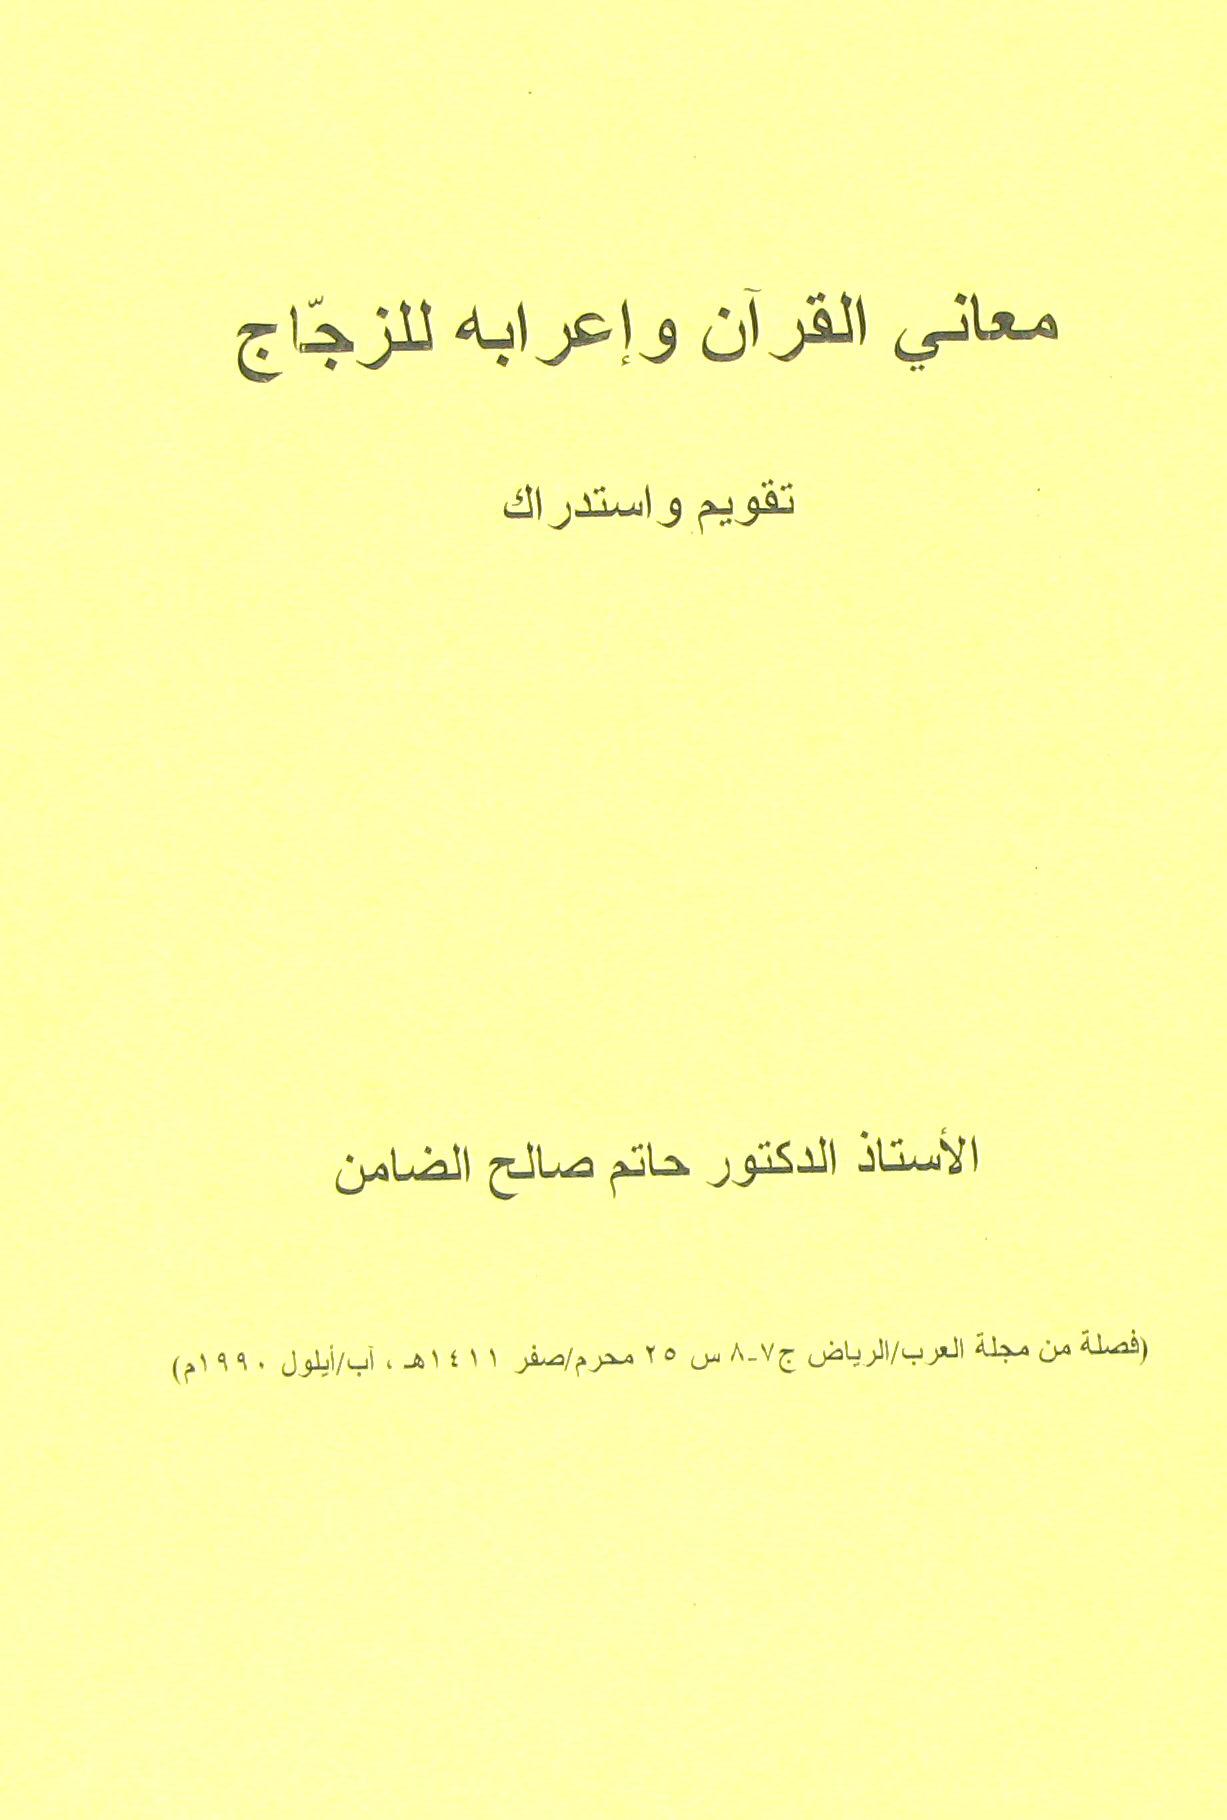 تحميل كتاب معاني القرآن وإعرابه للزجاج (تقويم واستدراك) لـِ: الدكتور حاتم صالح الضامن (ت 1434)